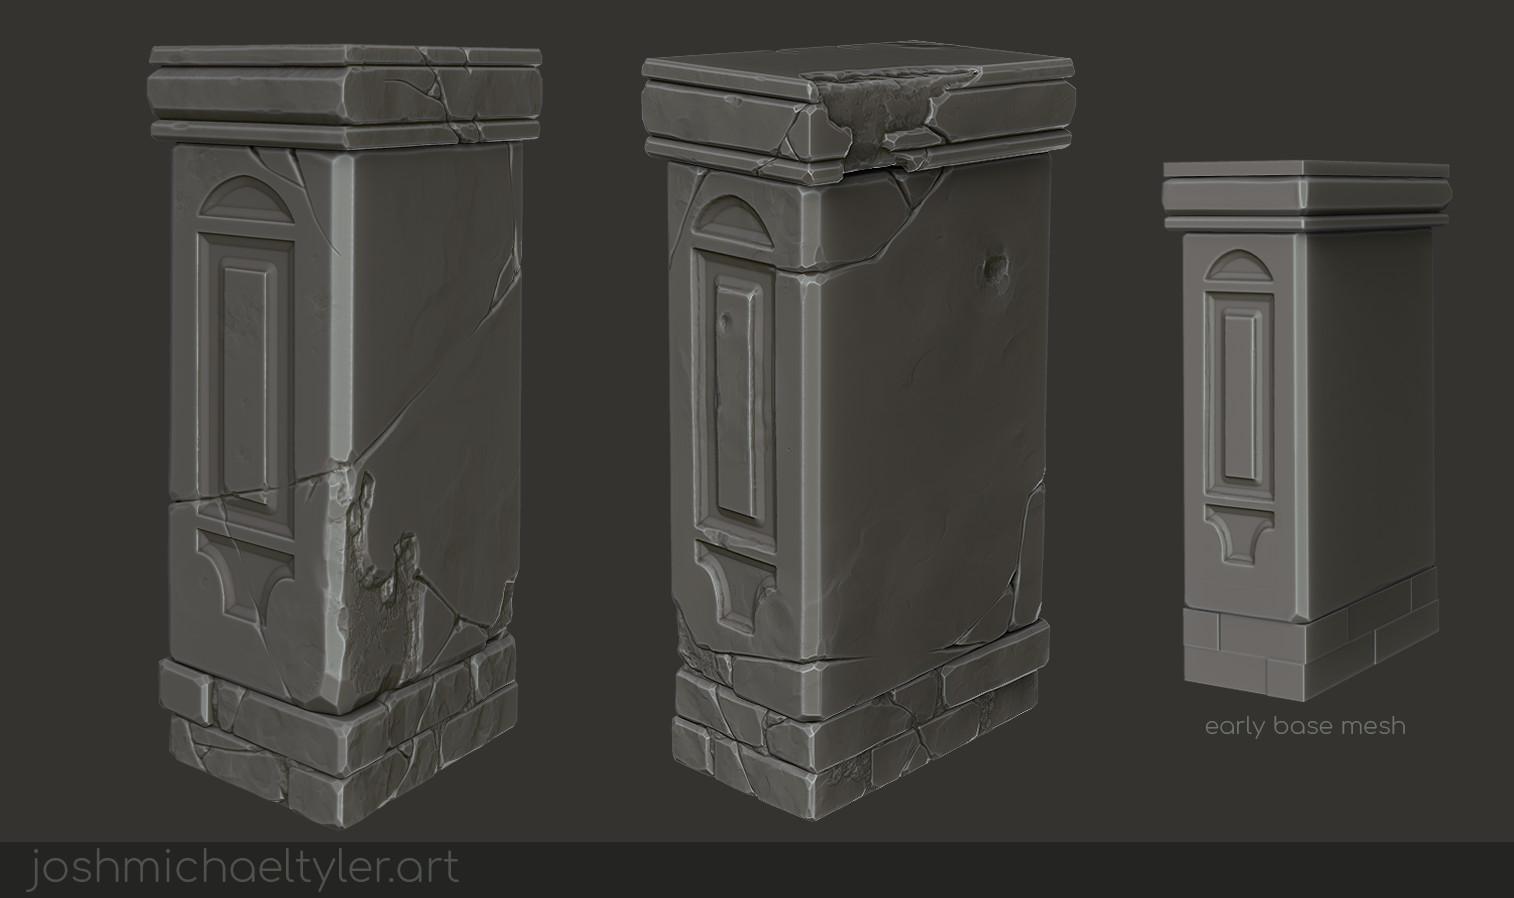 Josh tyler sculptstudy pillar